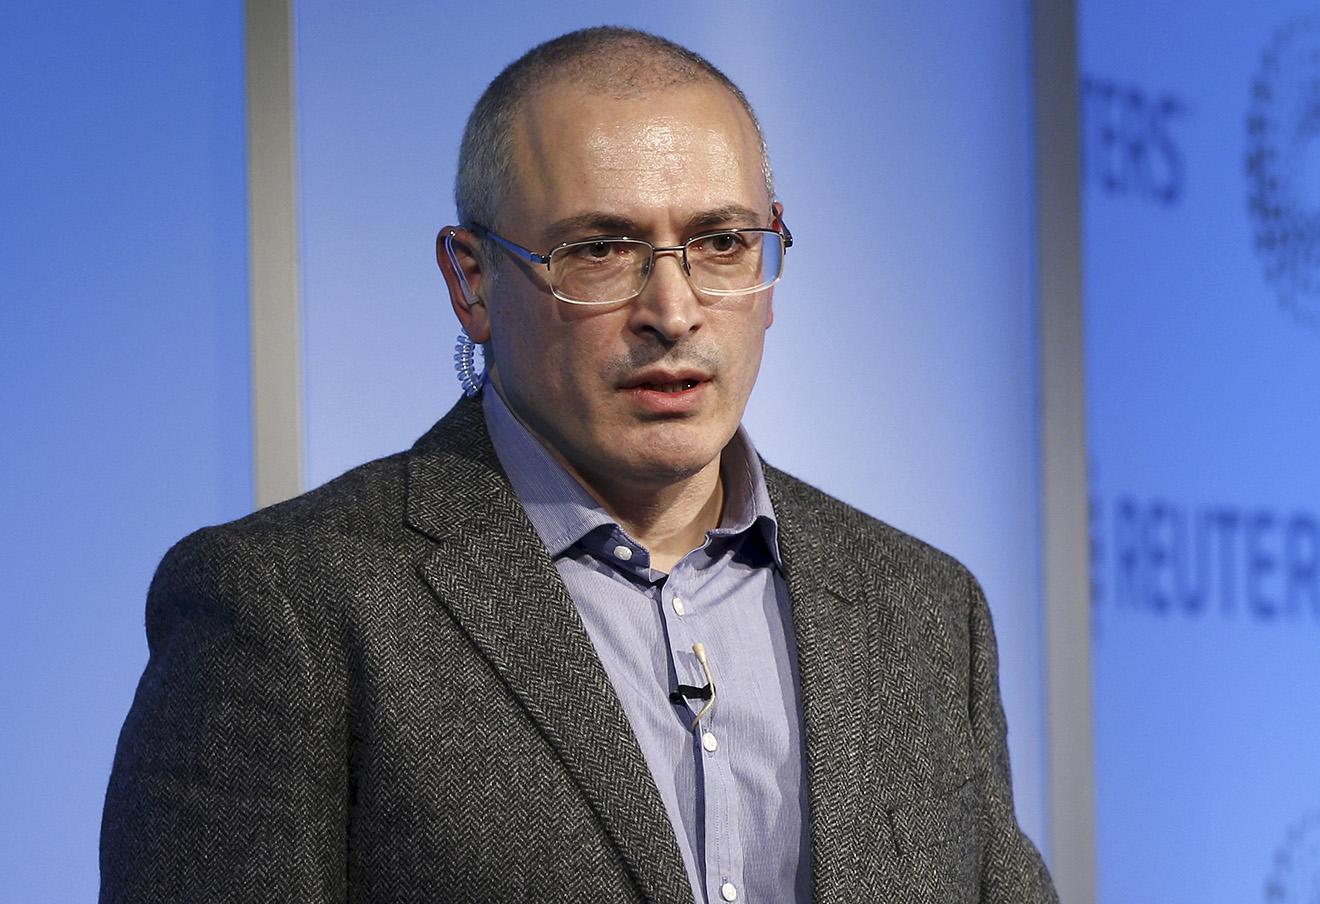 Михаил Ходорковский. Фото: Peter Nicholls / Reuters